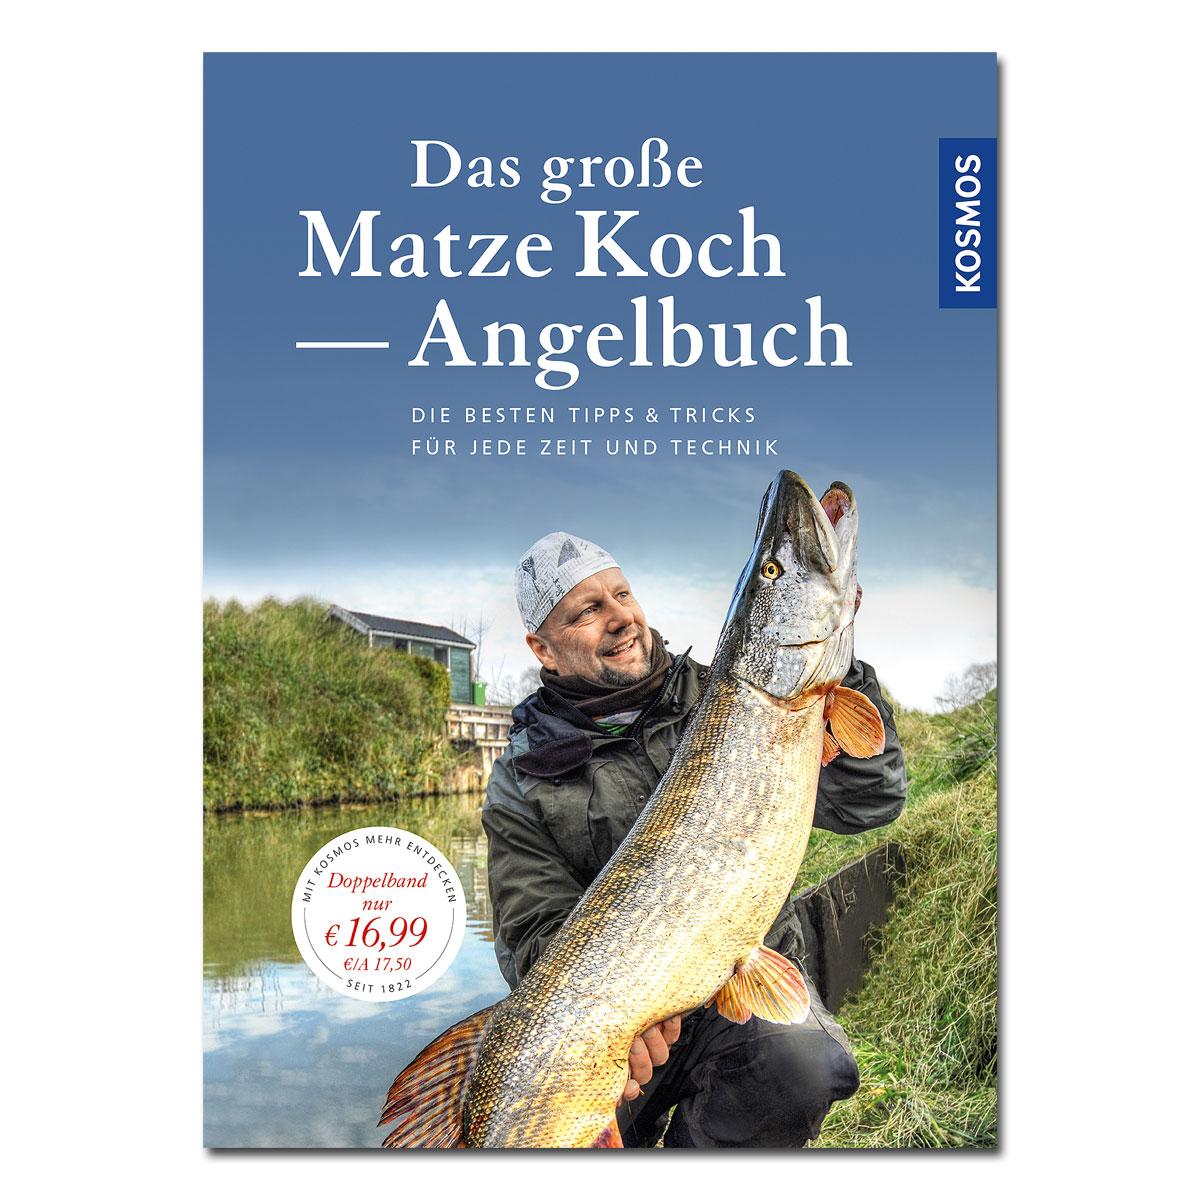 Das große Matze Koch Angelbuch im Pareyshop